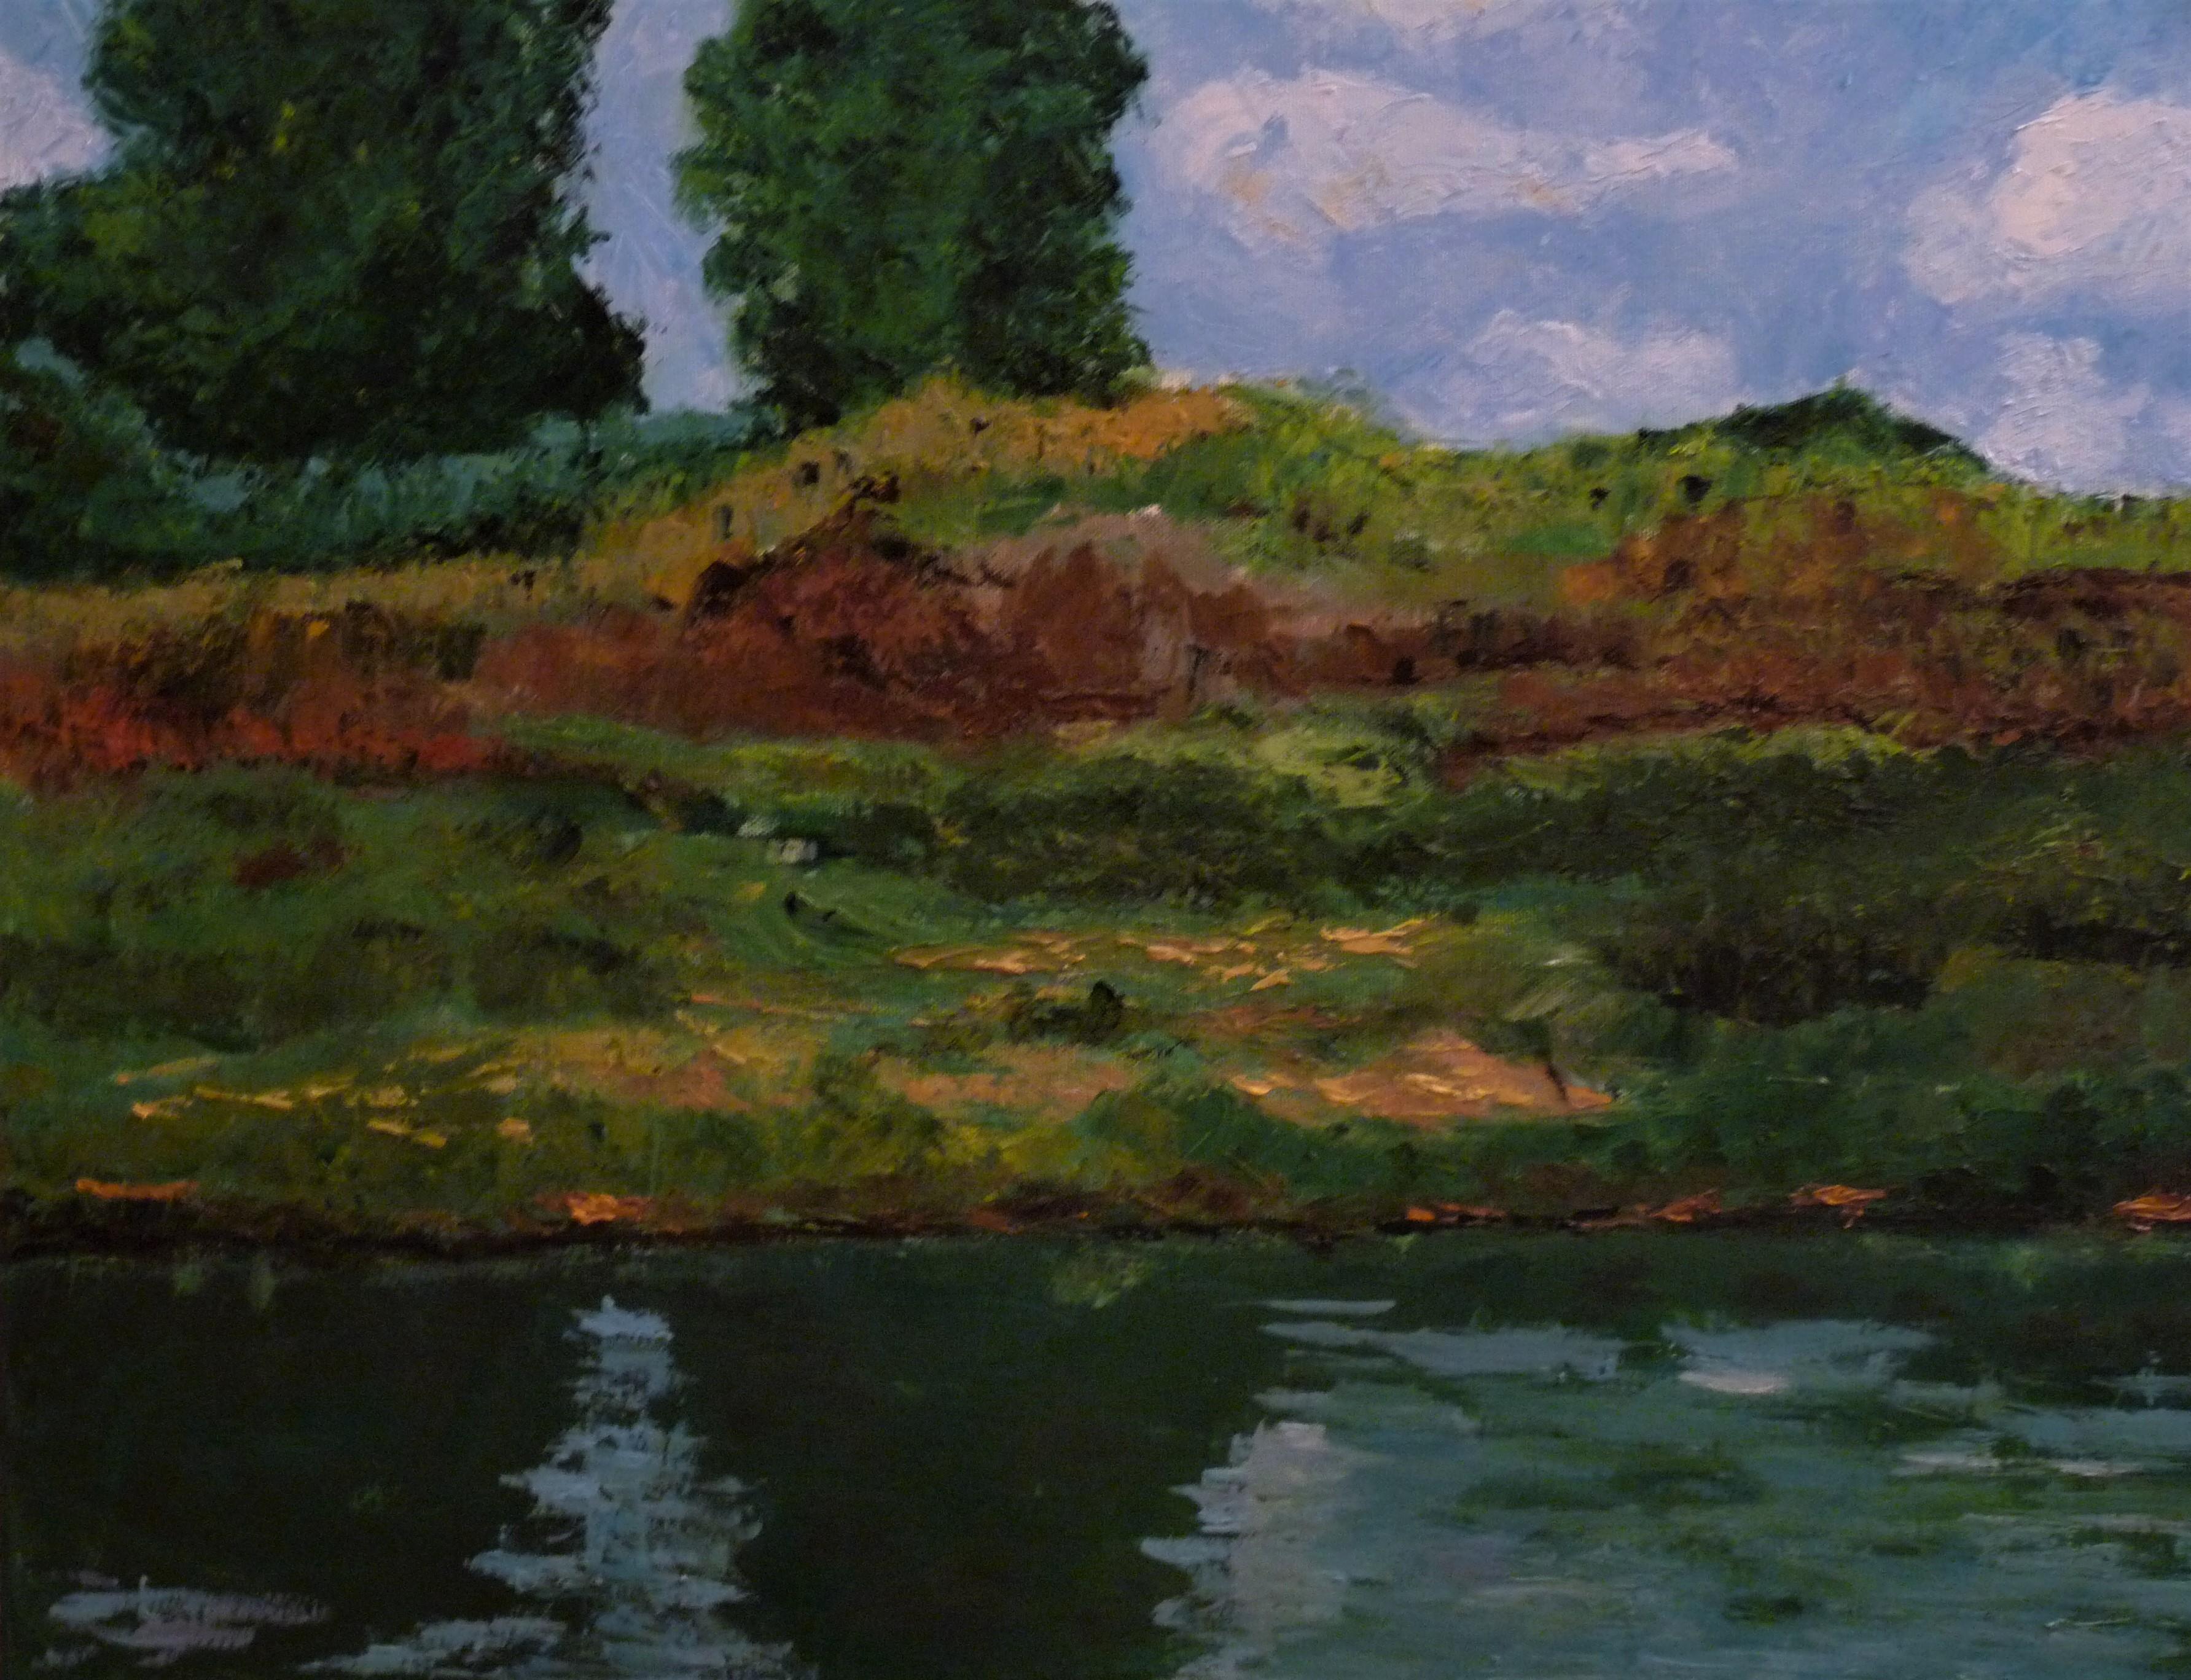 Onishenko